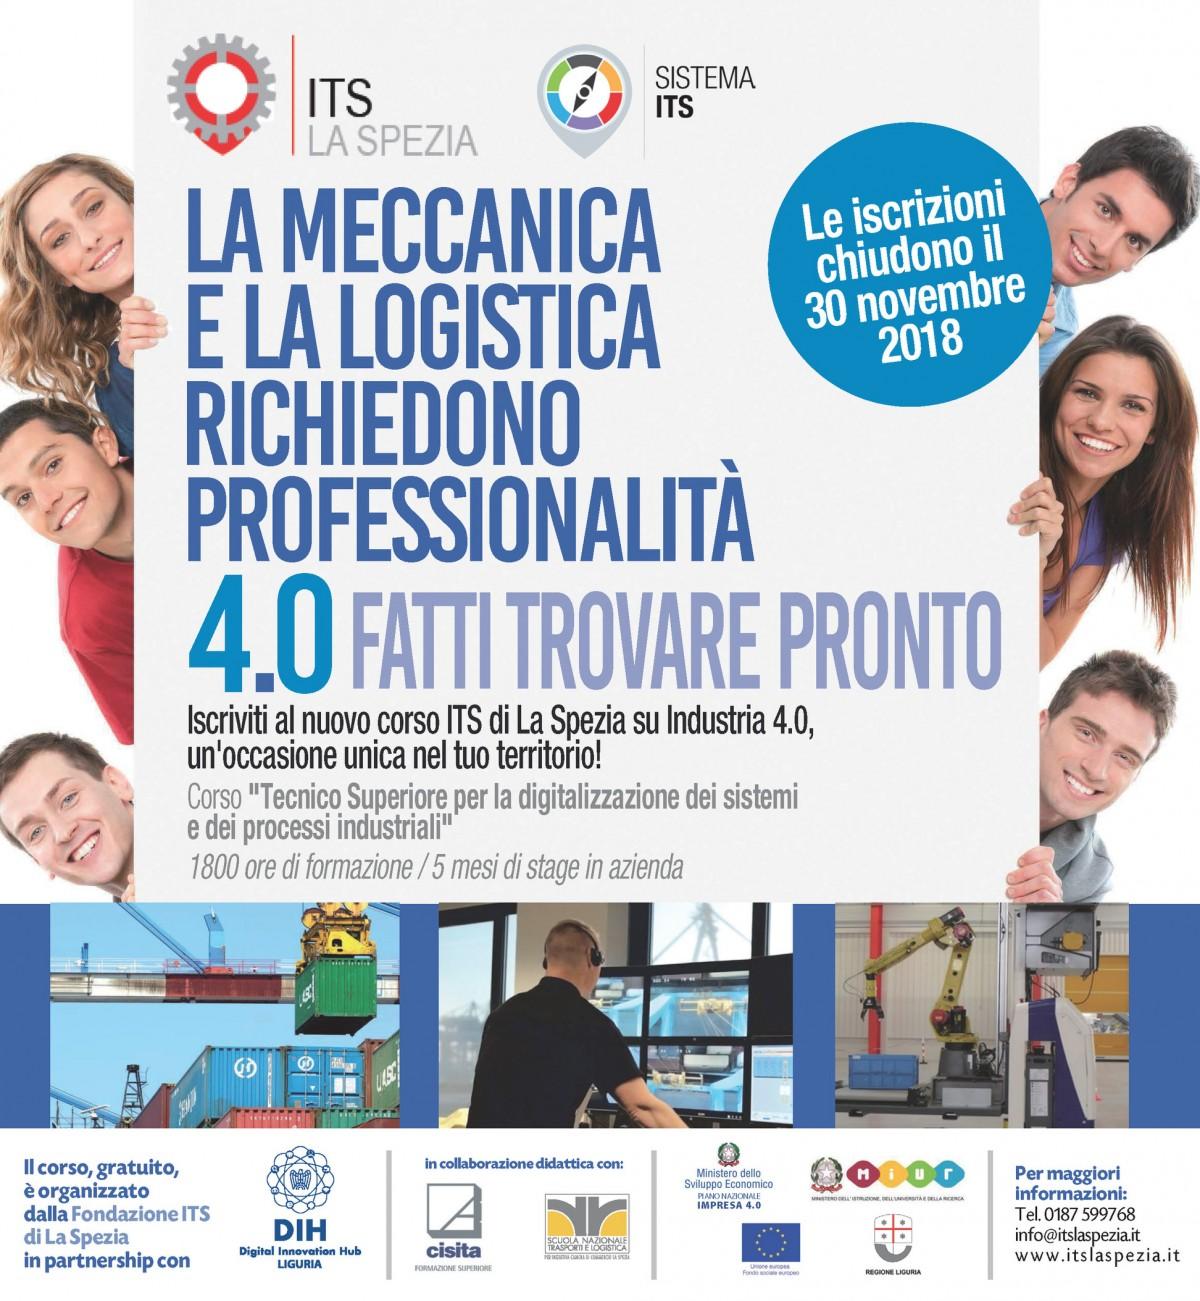 Corso ITS La Spezia Tecnico Superiore per la digitalizzazione dei sistemi e dei processi industriali - volantino